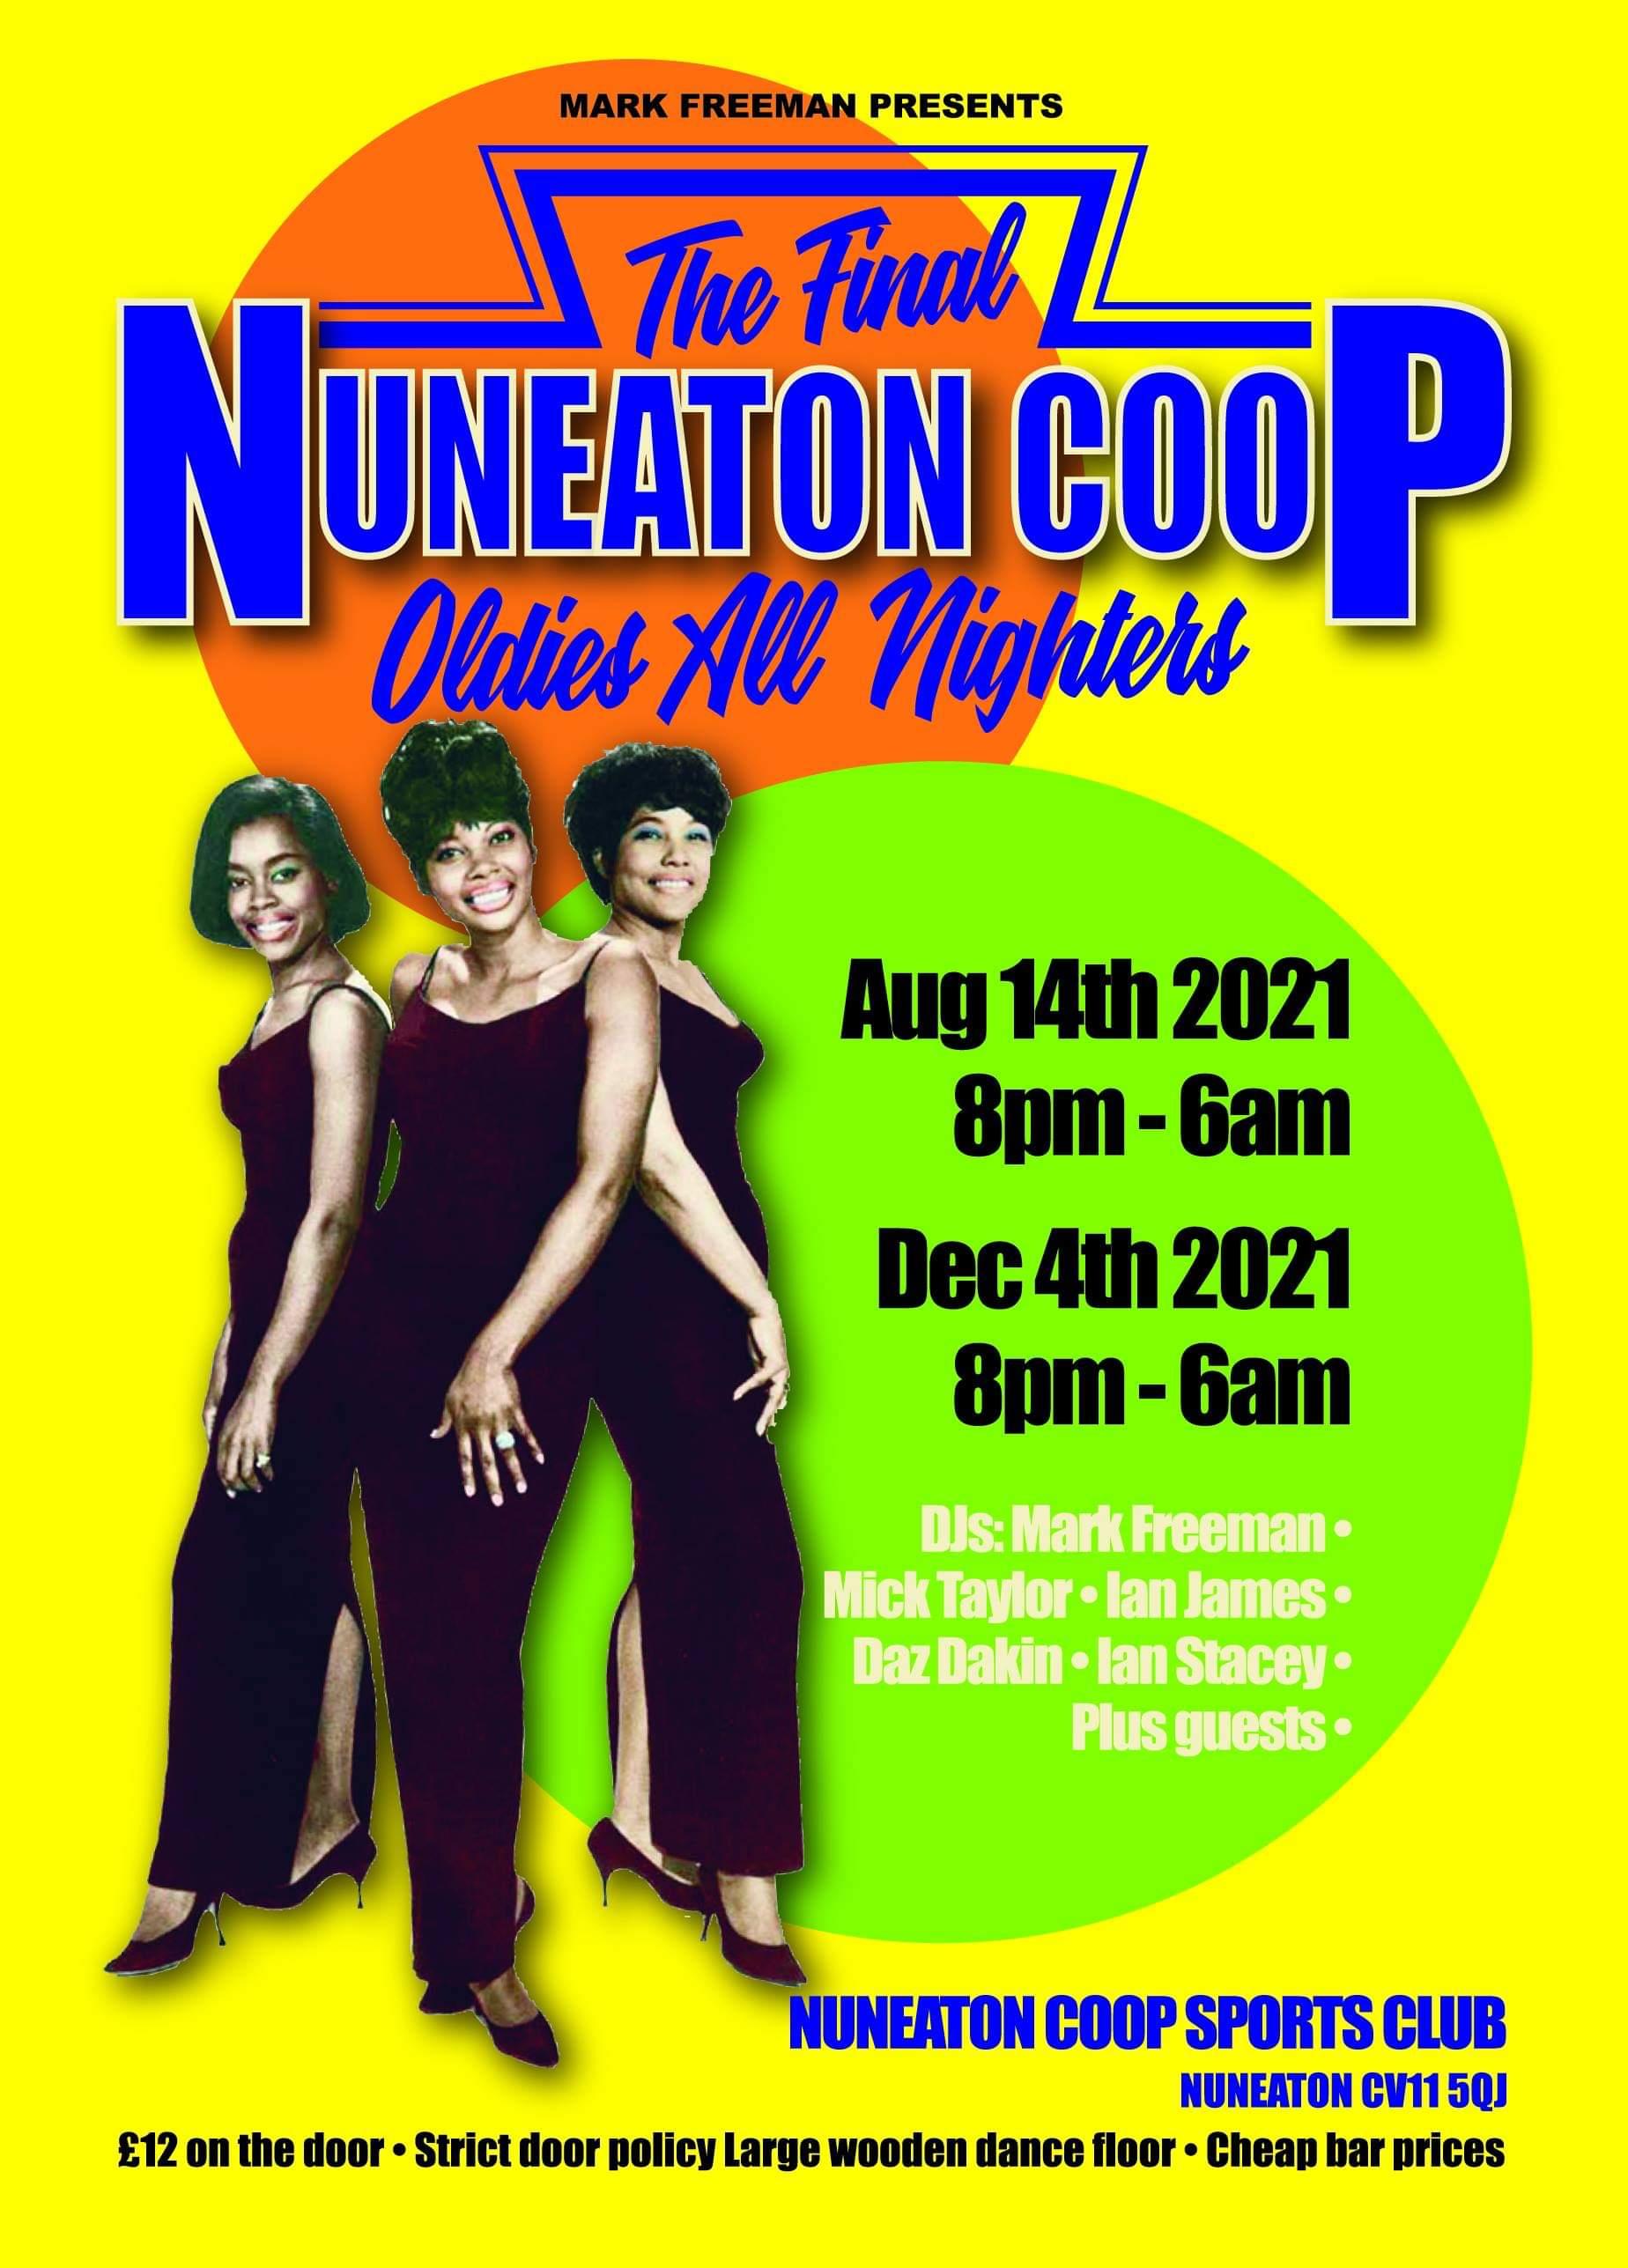 Nuneaton Coop Oldies Allniter flyer